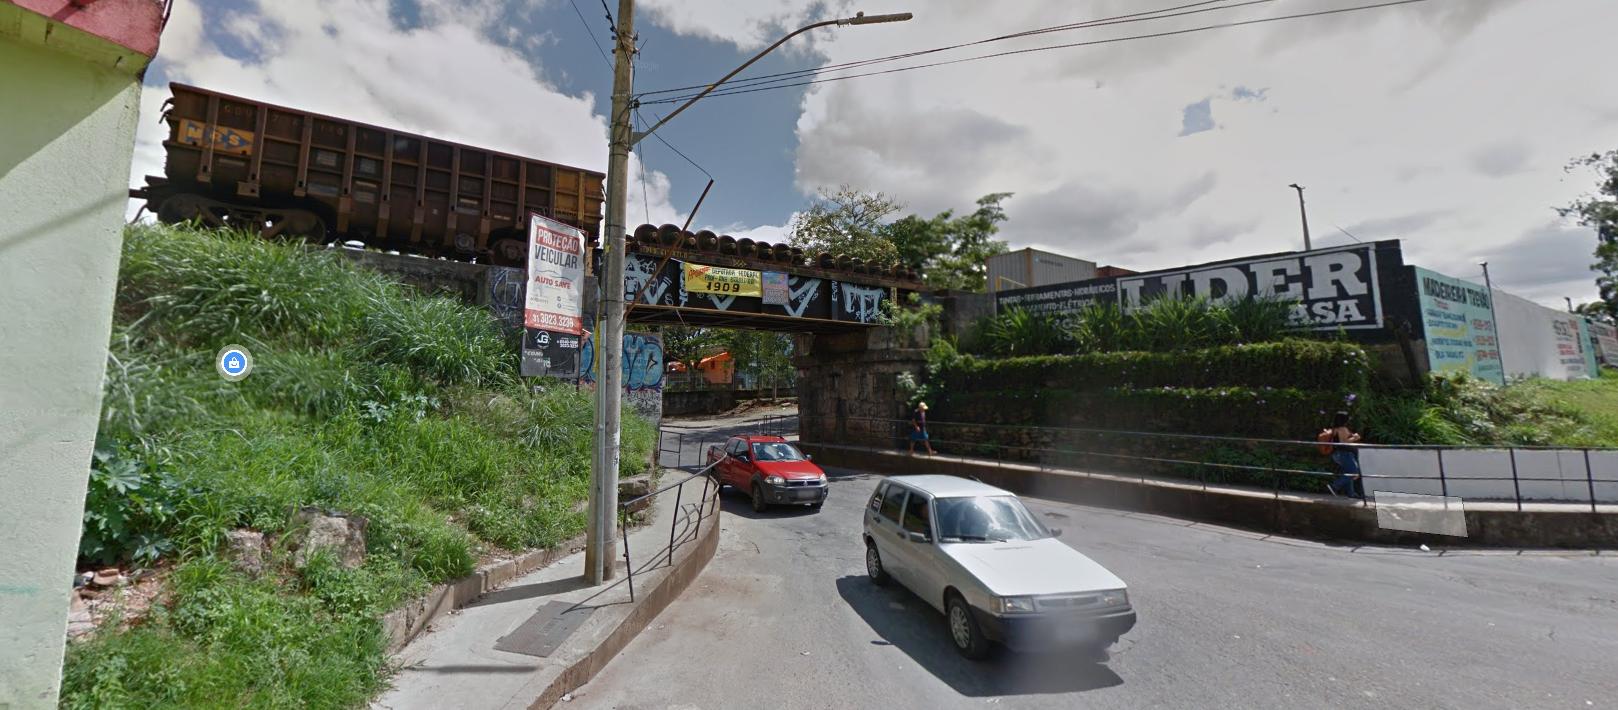 Três homens são executadas a tiros na Região do Barreiro, em Belo Horizonte - Foto: Reprodução/Google Street View